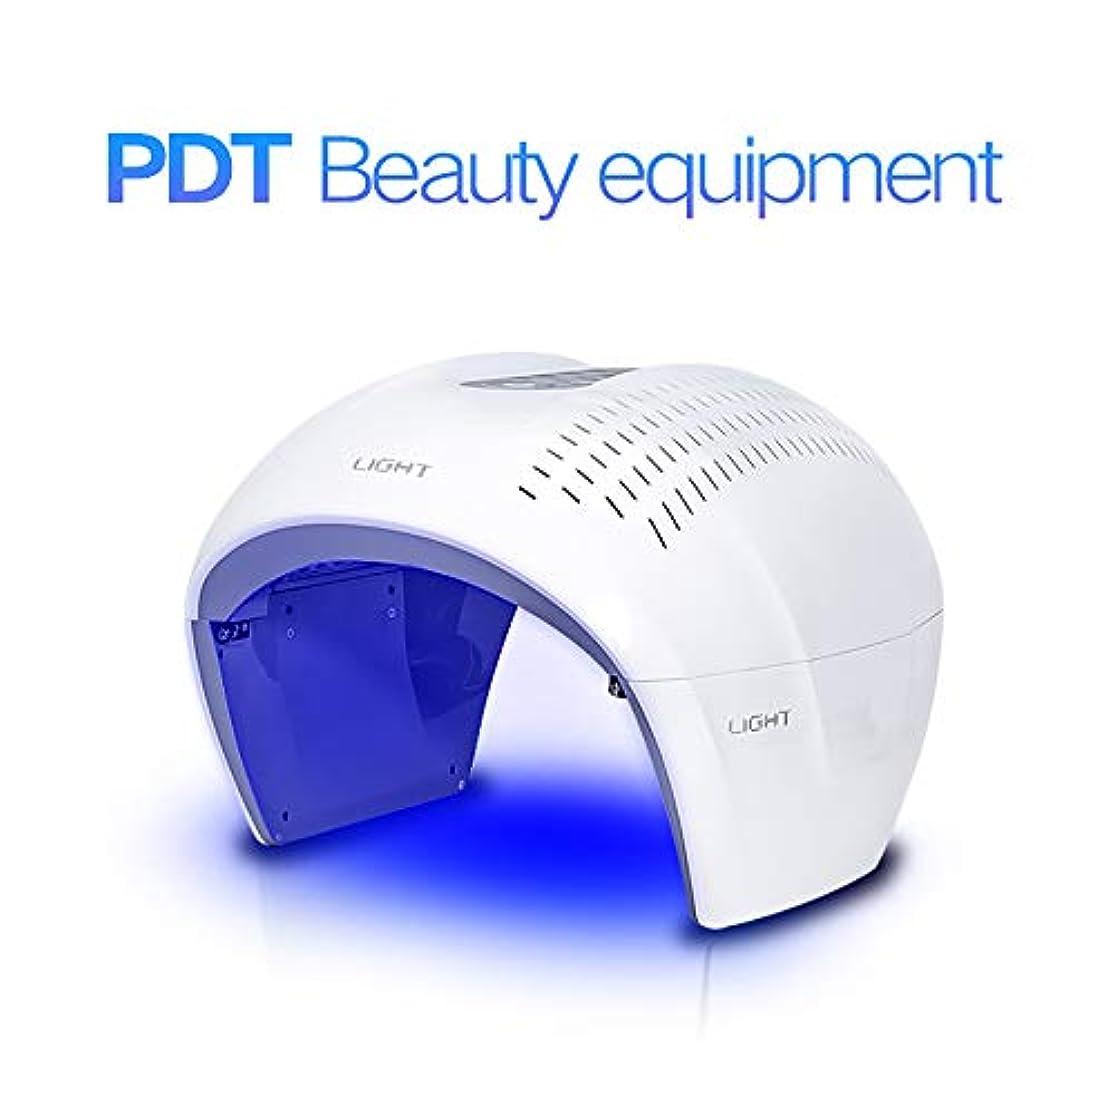 測定可能どちらか限定健康な肌の若返りのコラーゲン、反老化、4色LEDの美のスキンケアの光子療法機械のための表面光子の赤灯療法